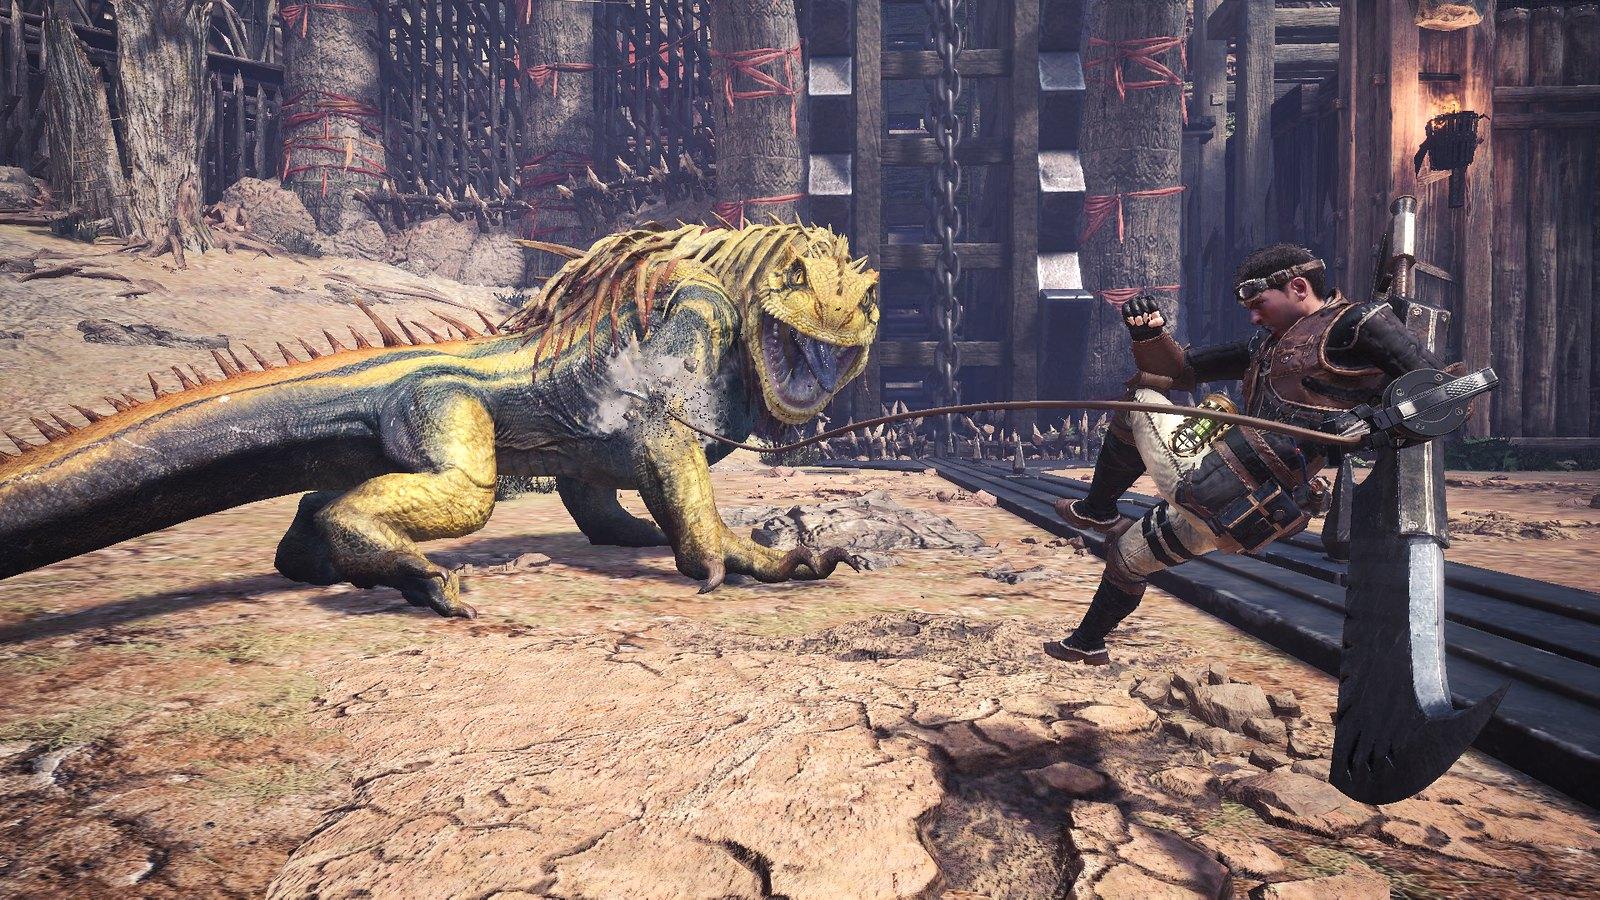 Monster Hunter World: Iceborne Comes to PS4 September 6, New